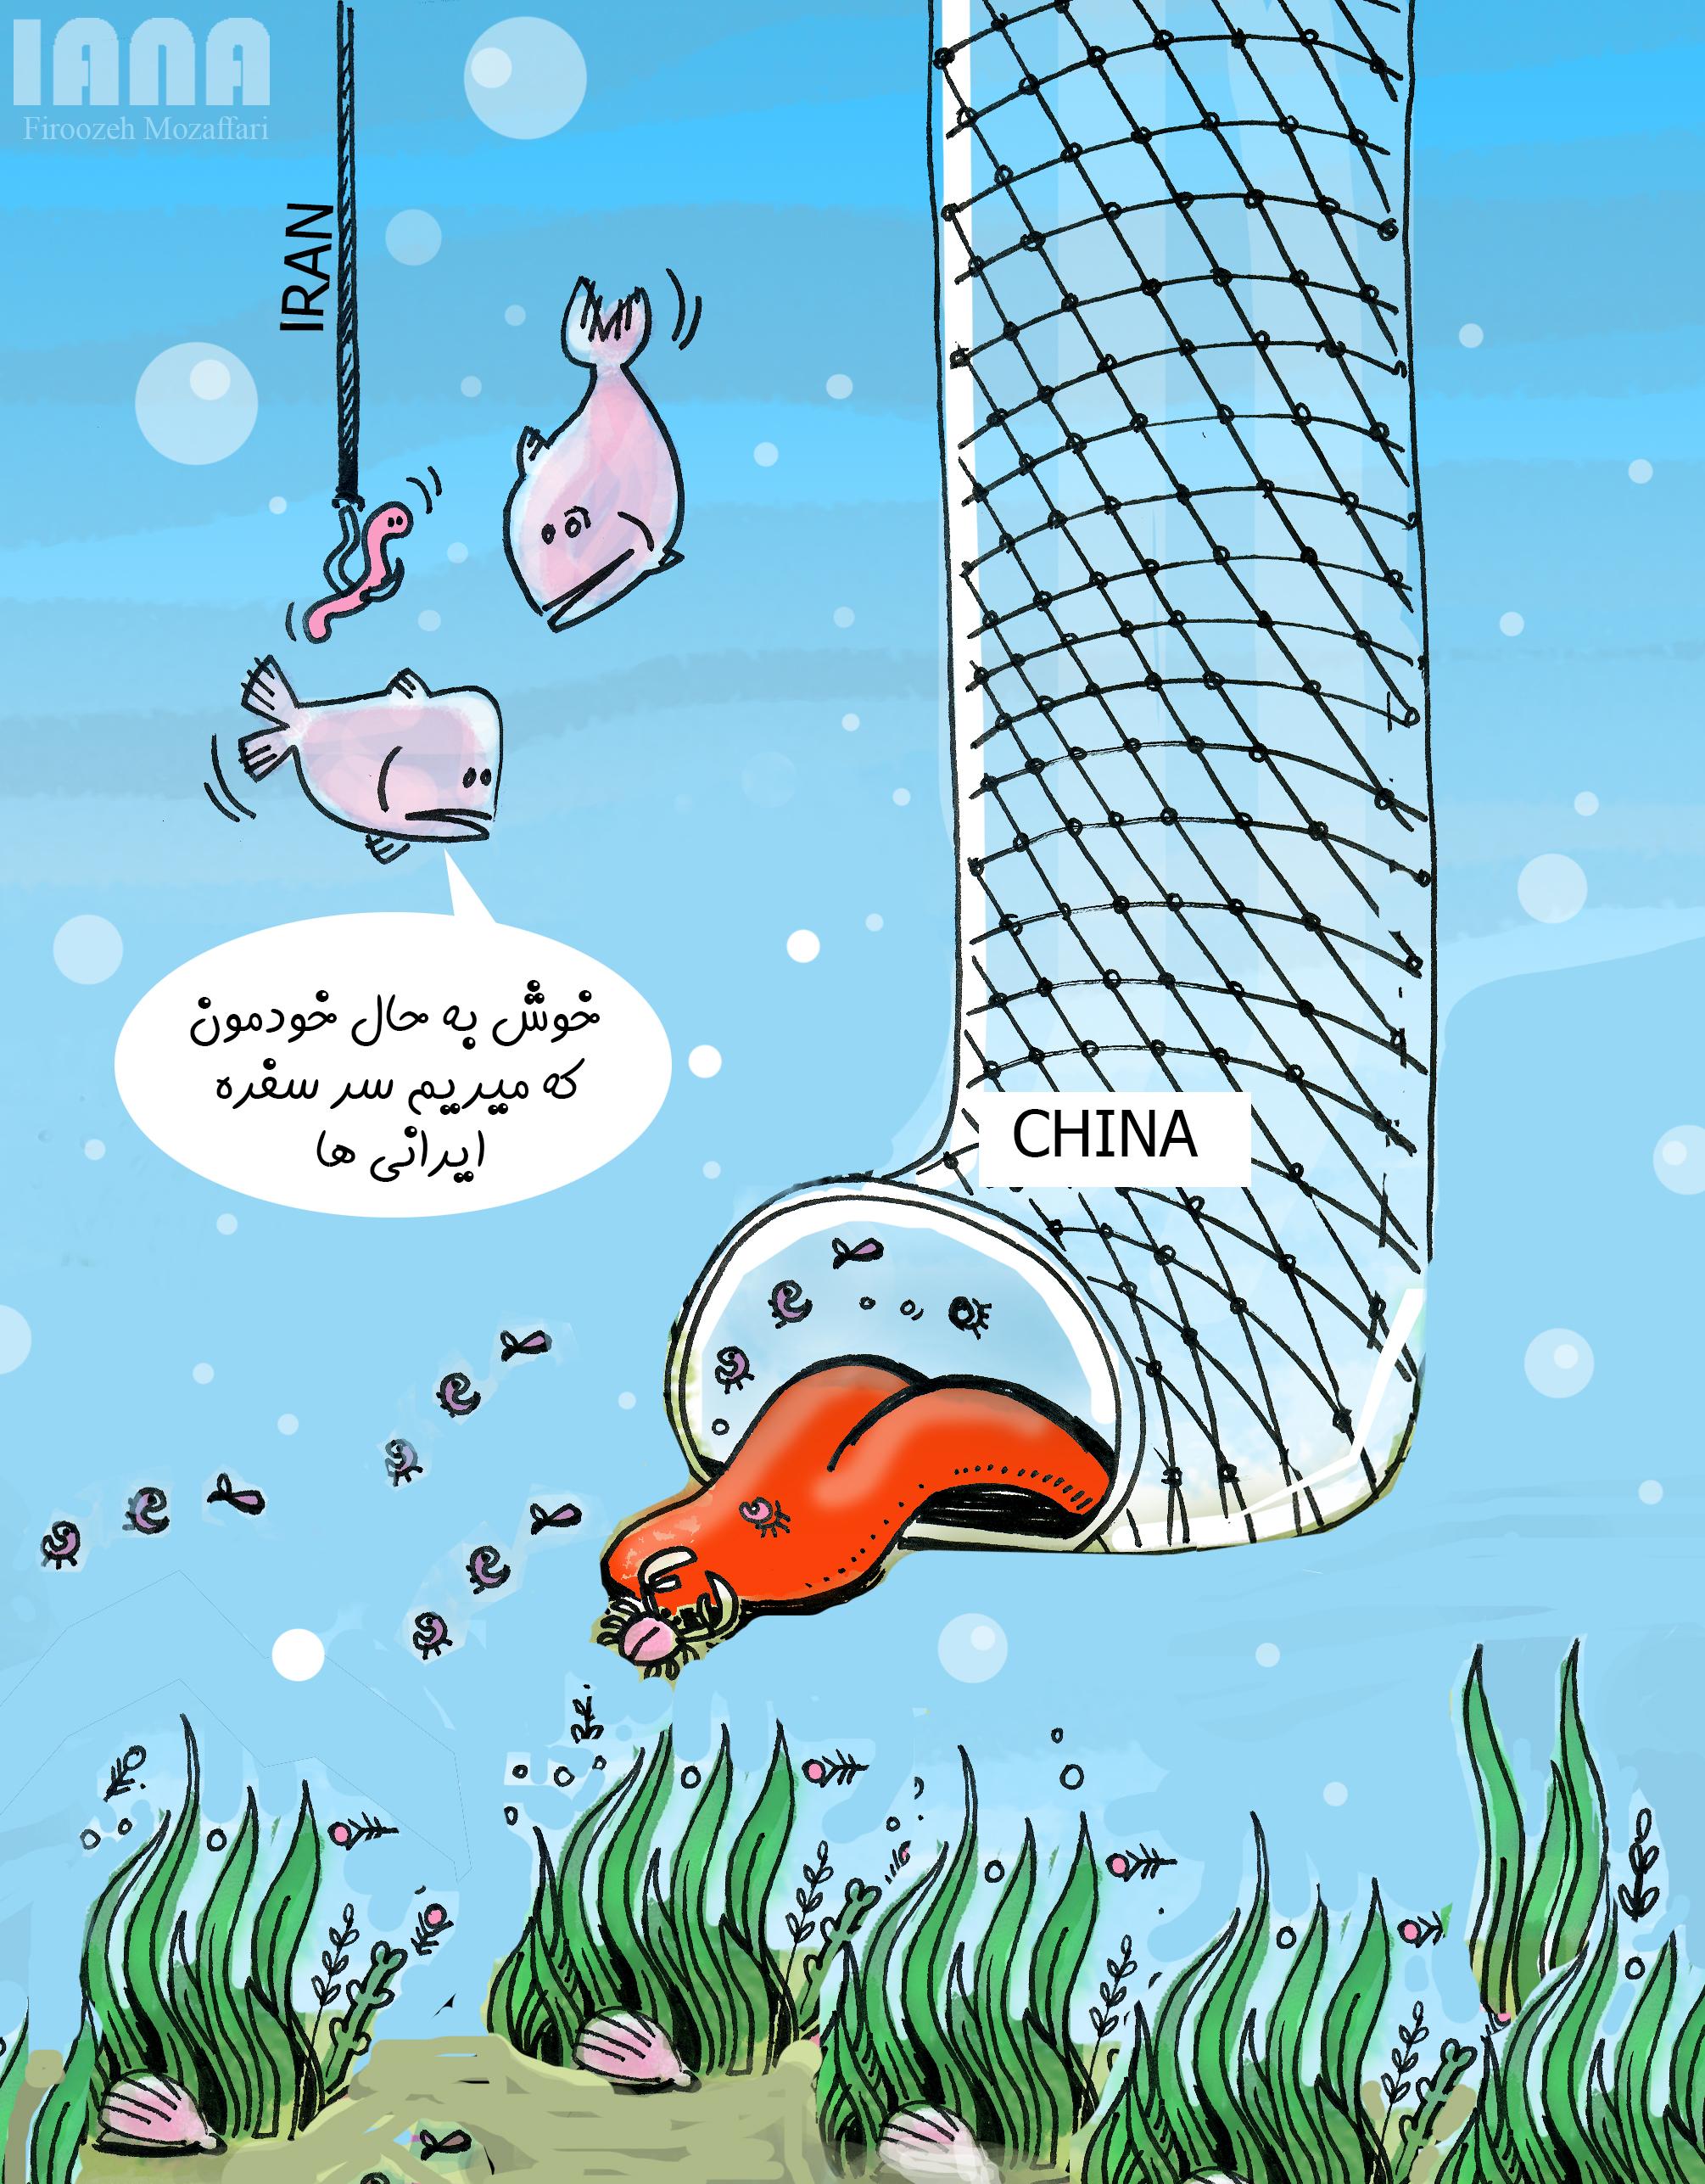 ماهیگیران چینی 2